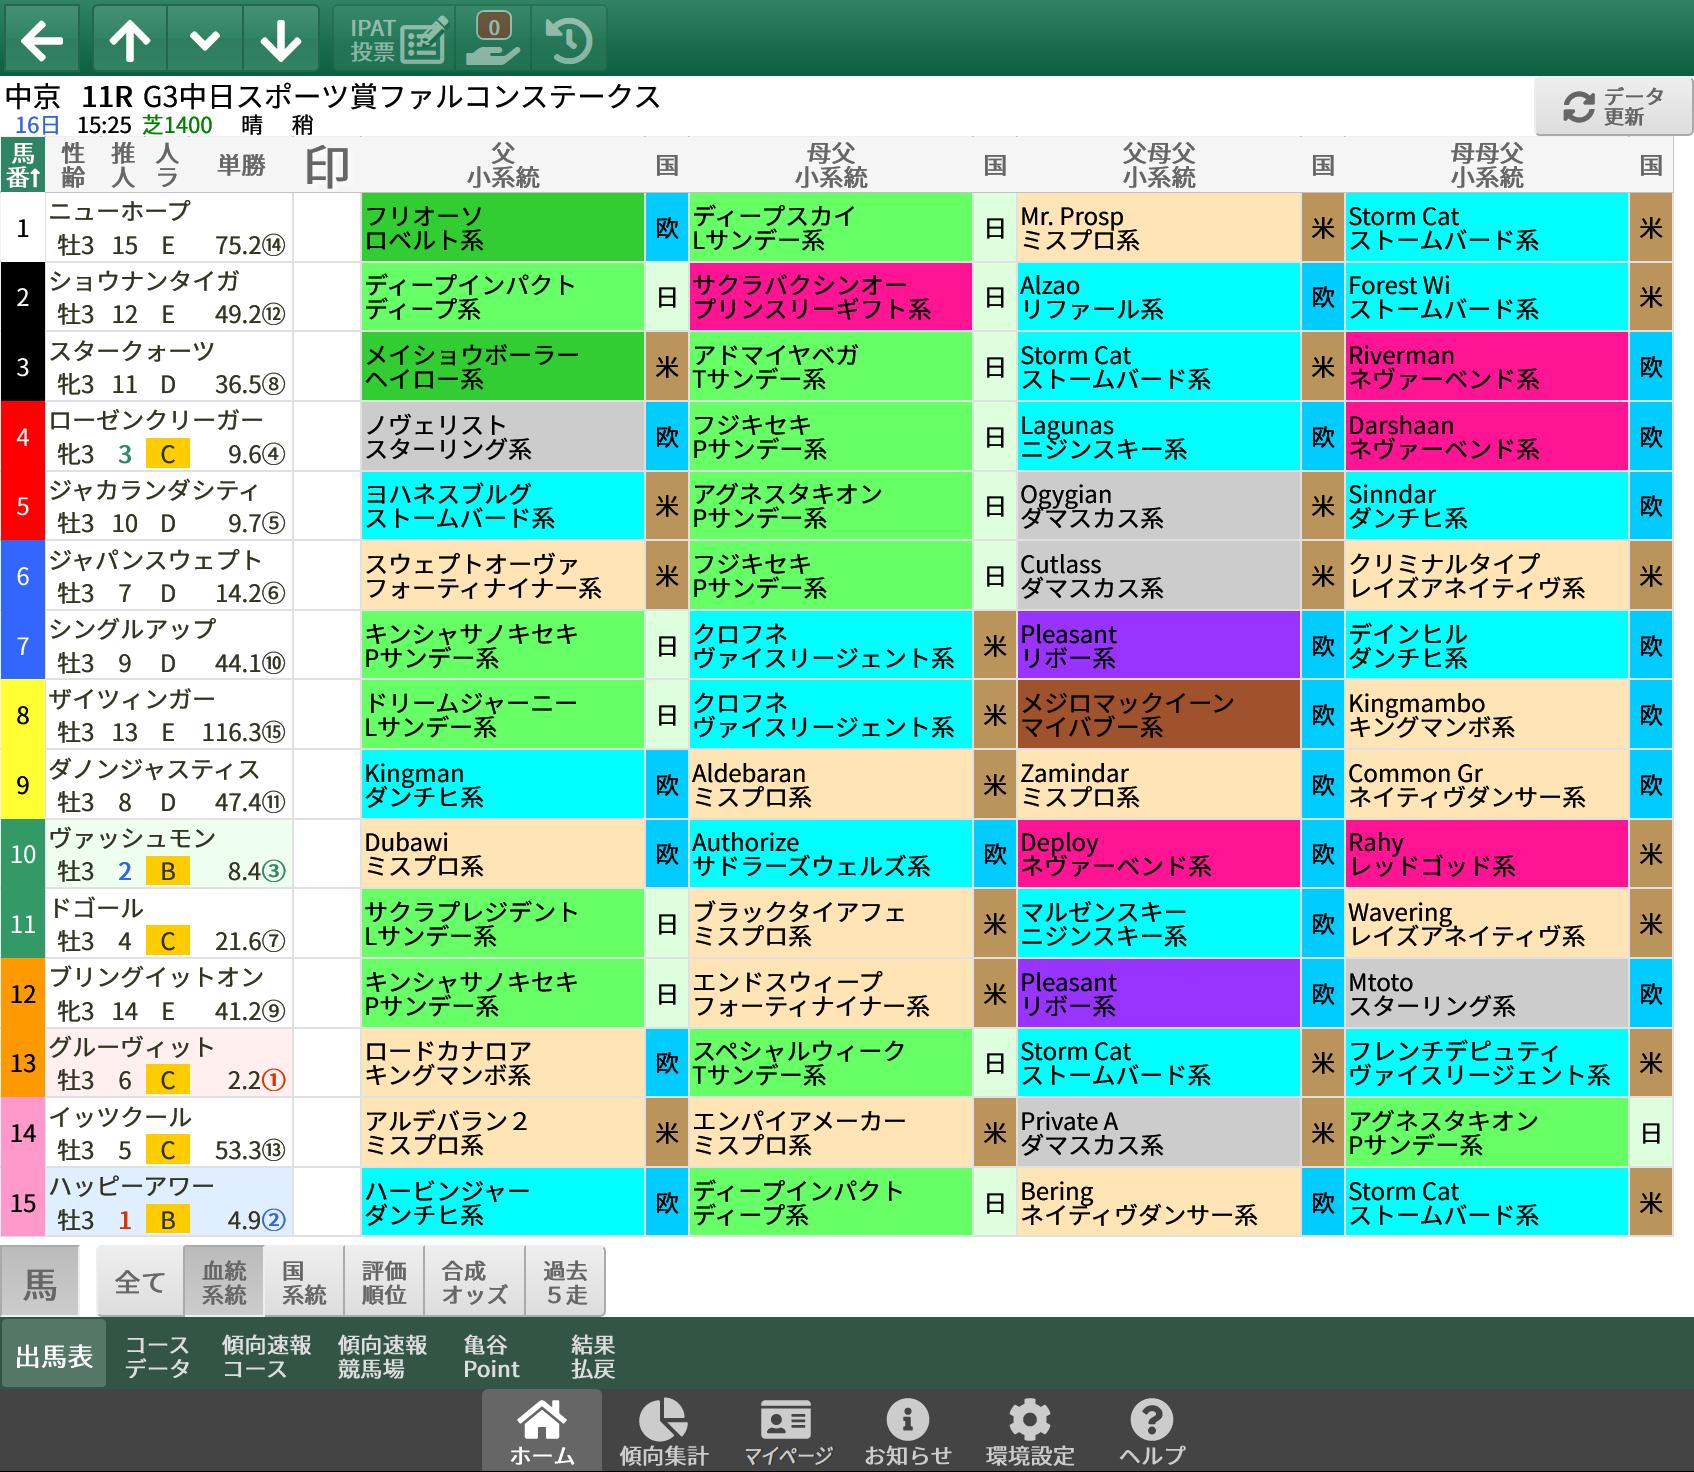 【無料公開】 ファルコンS / 亀谷サロン限定公開中のスマート出馬表・次期バージョン